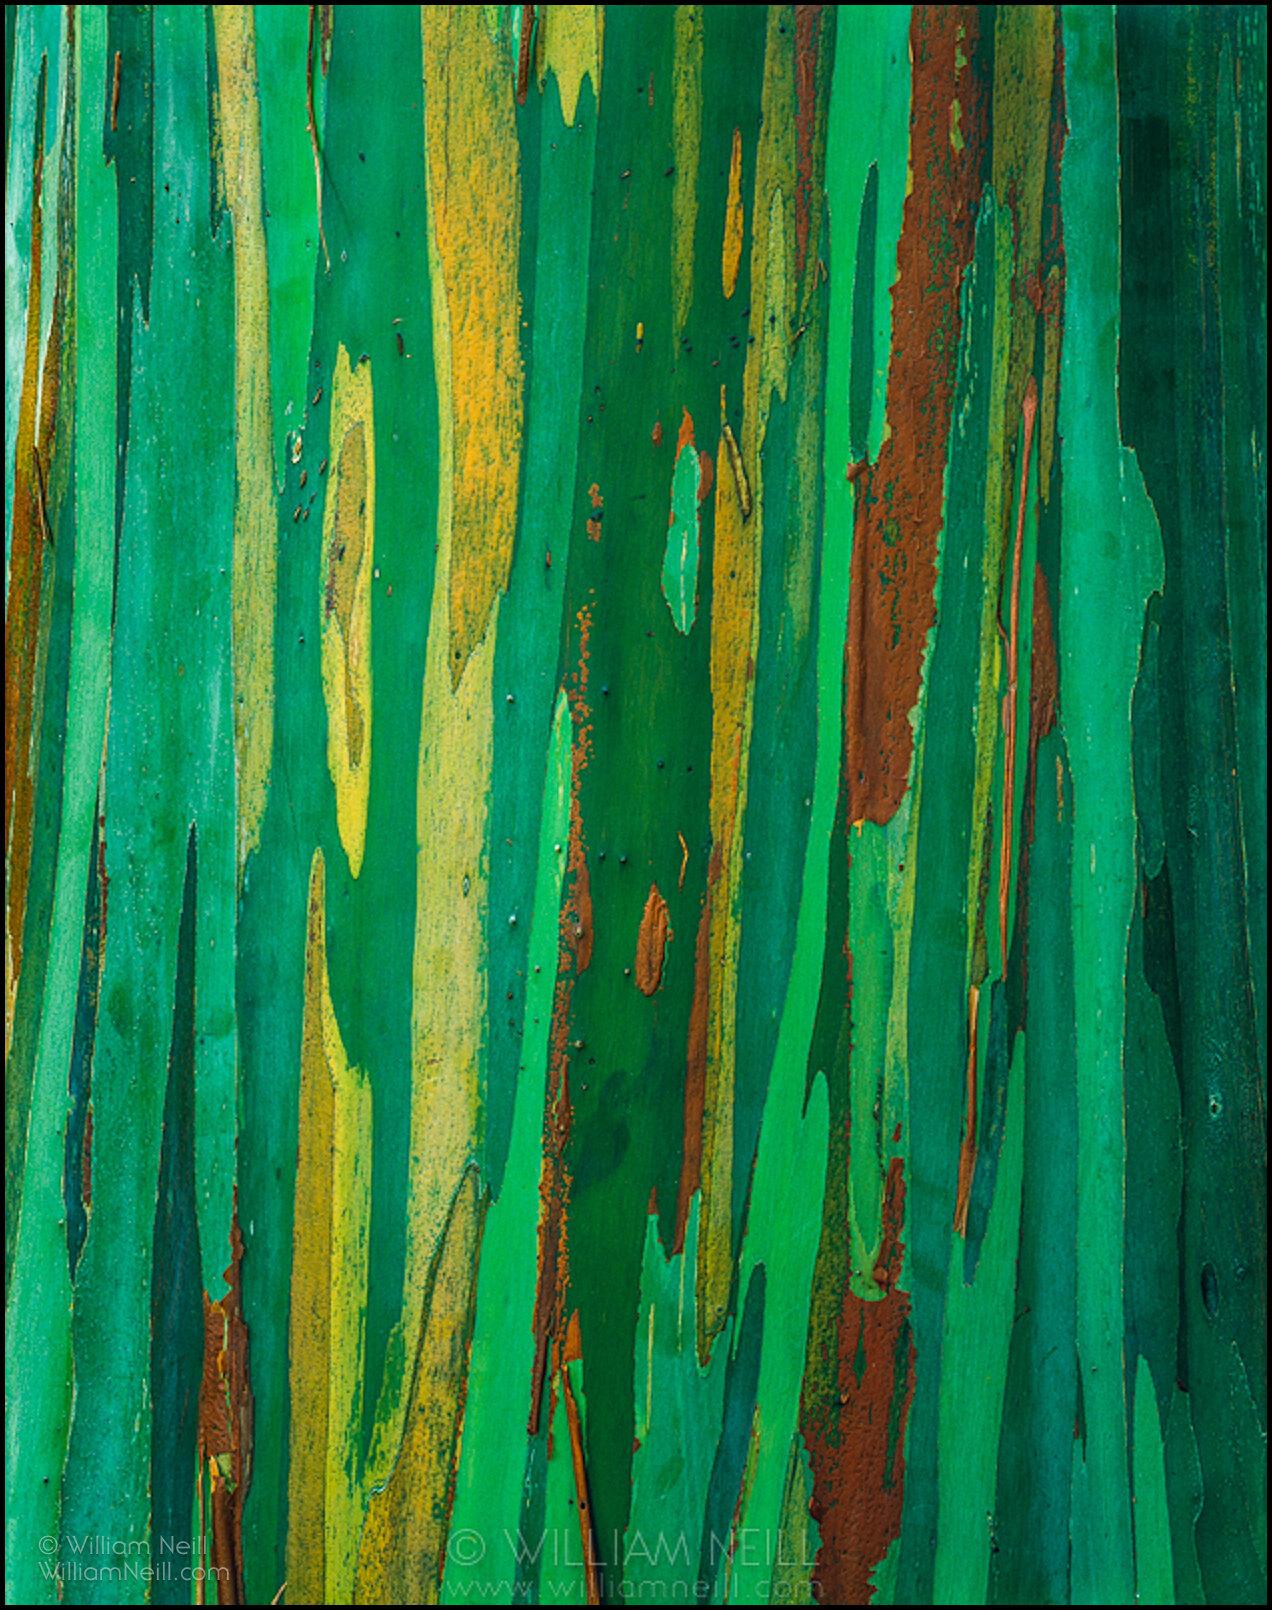 Painted bark eucalyptus, the Hana Coast, Island of Maui, Hawaii 1995